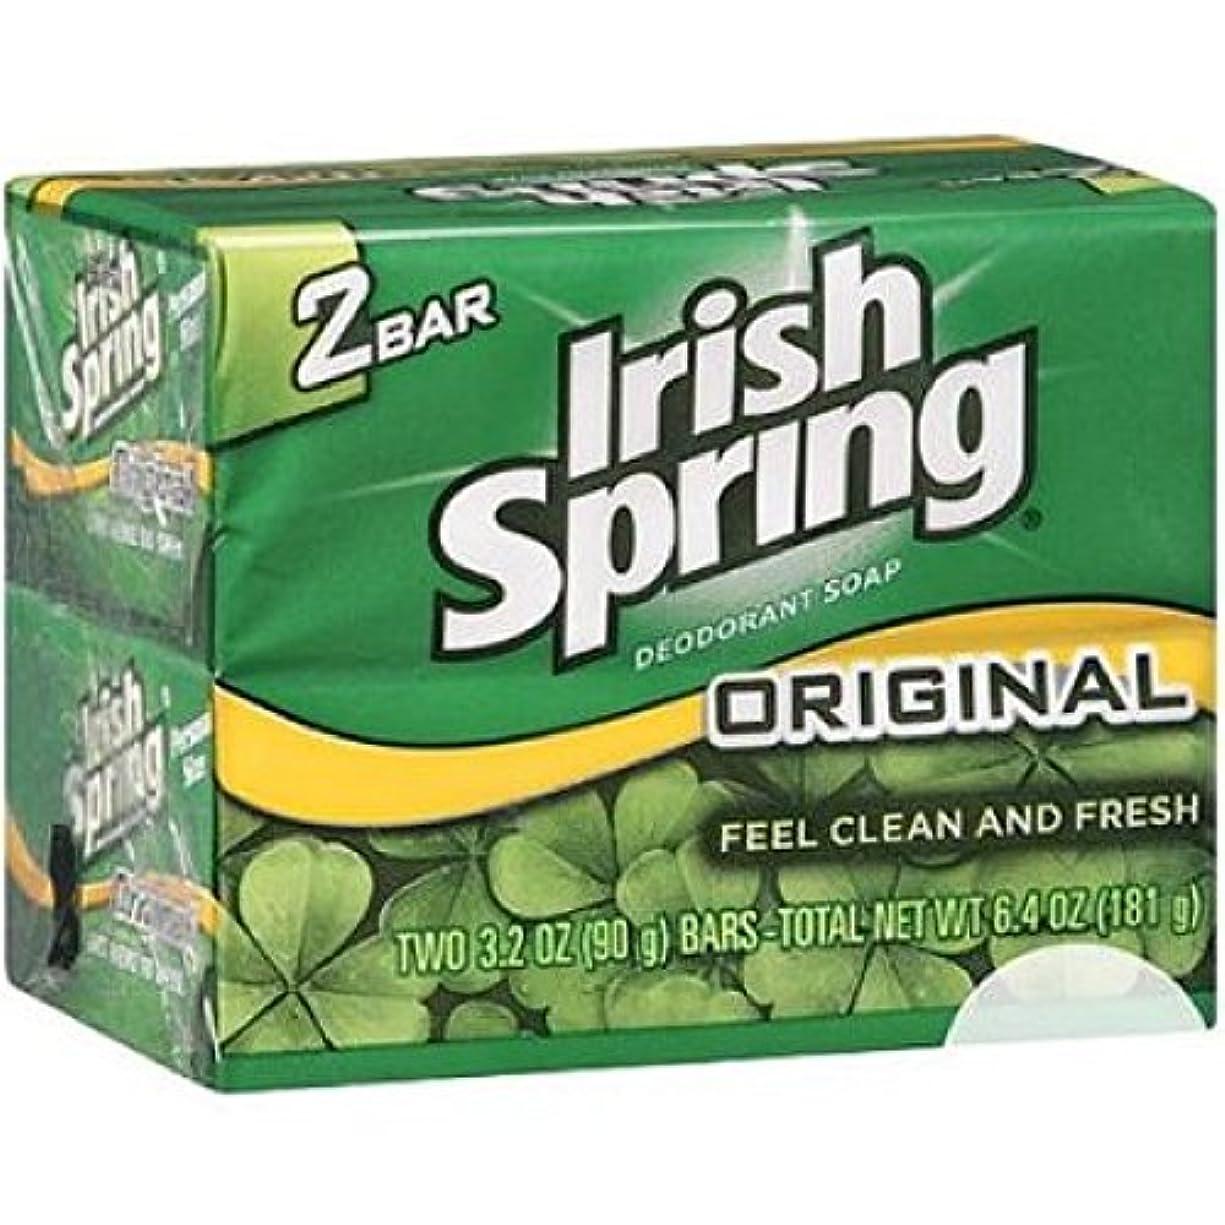 段階サミット位置するIrish Spring オリジナルデオドラント石鹸、3.20オズバー、2 Eaは 8パック